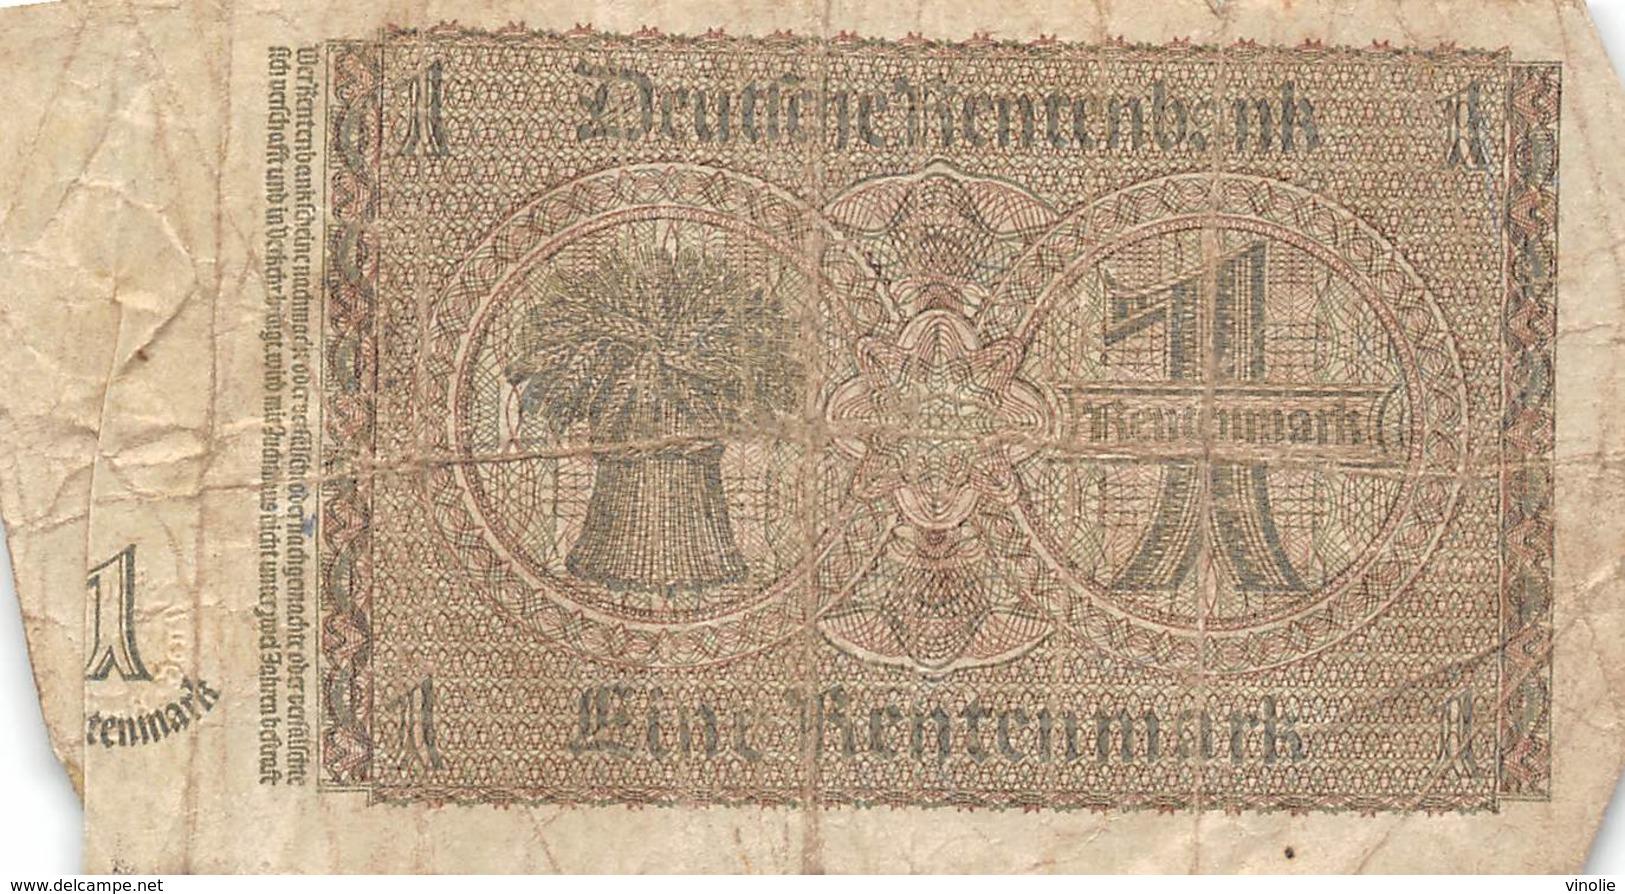 PIE-VPT-18-088 :  BILLET ALLEMAND 1 MARK - [ 4] 1933-1945 : Terzo  Reich